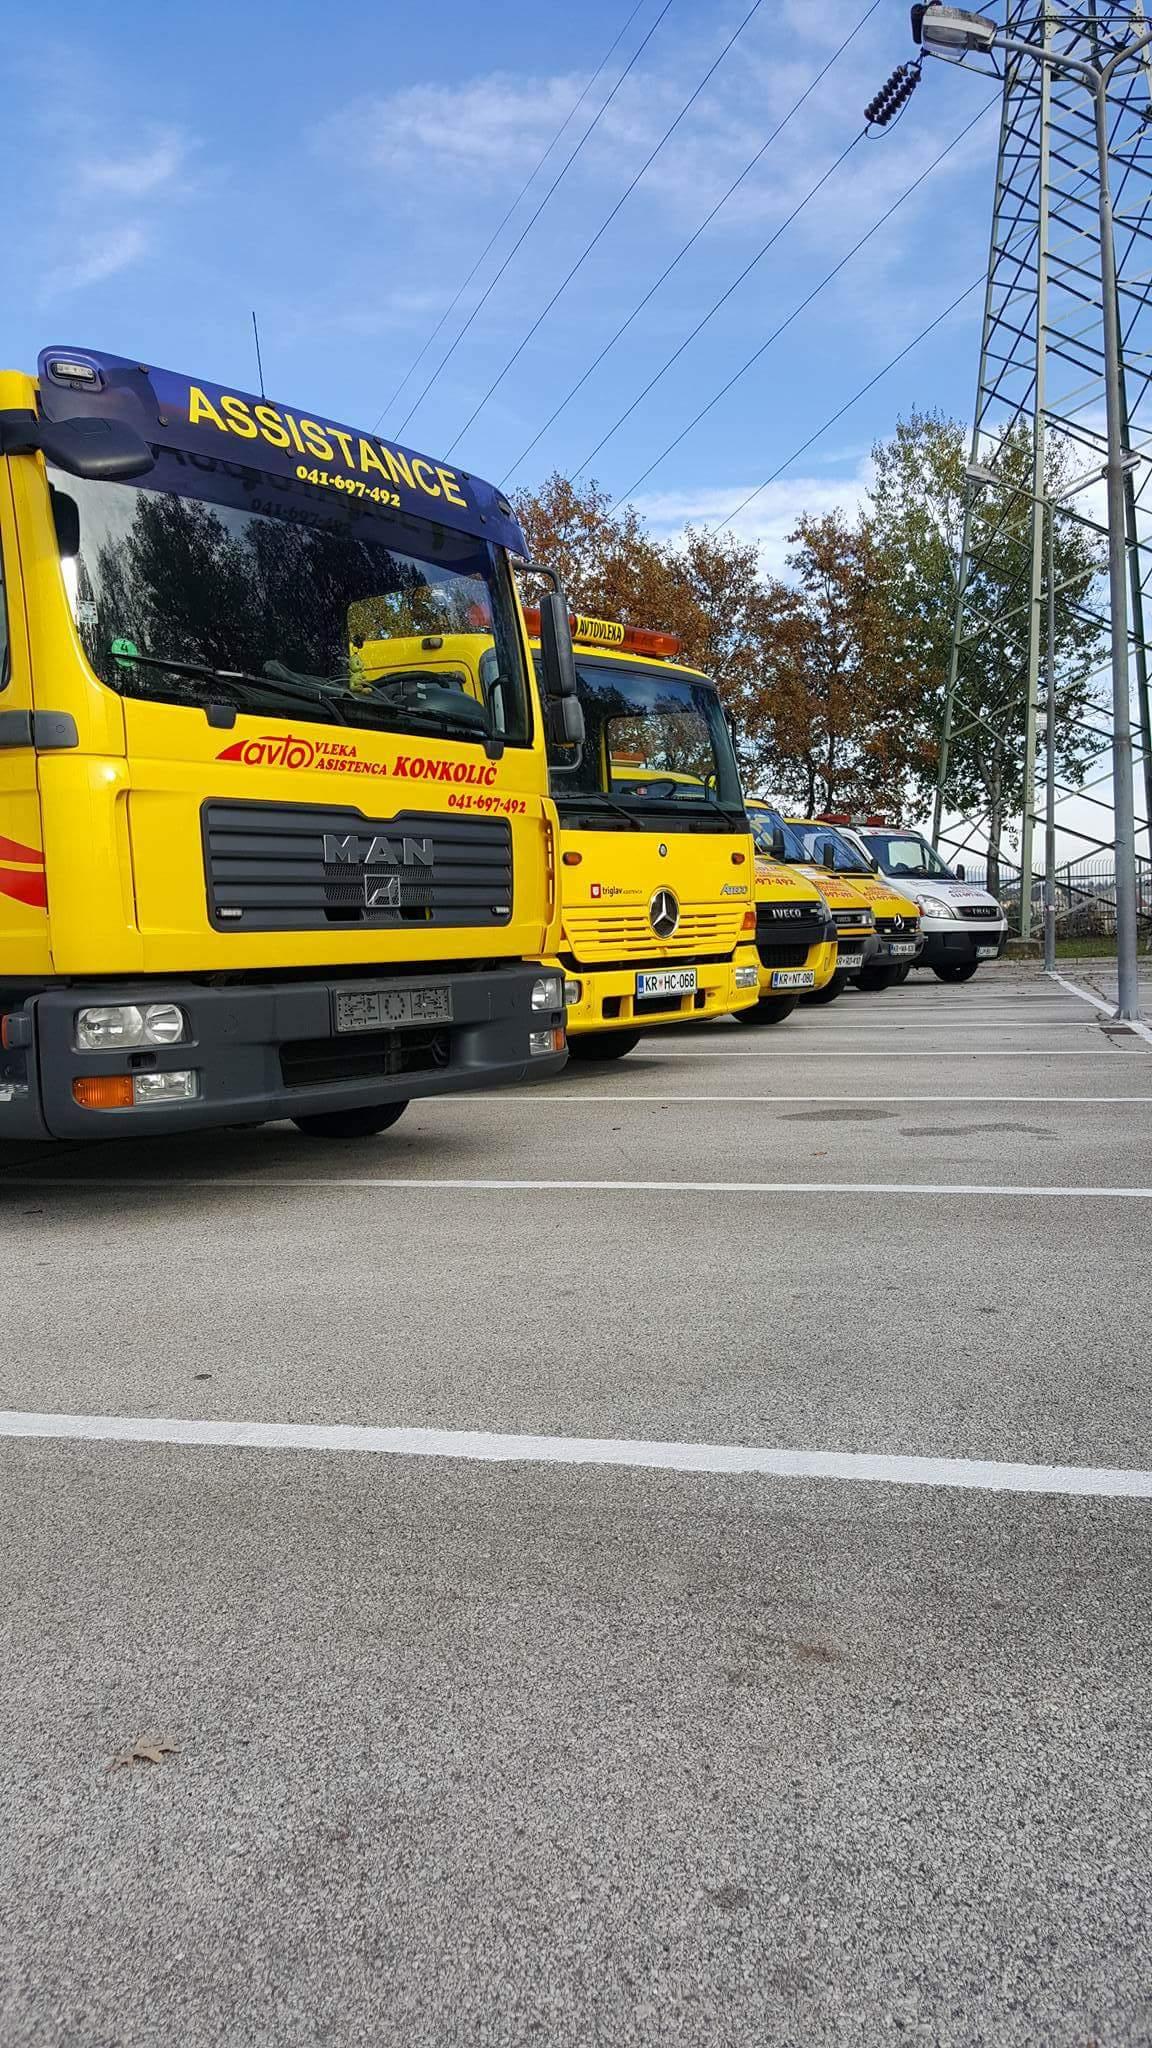 Avtovleka Kranj - Avtoasistenca Konkolič Kranj, Towing Service Kranj, Abschleppdienst Kranj received_10206014331432483